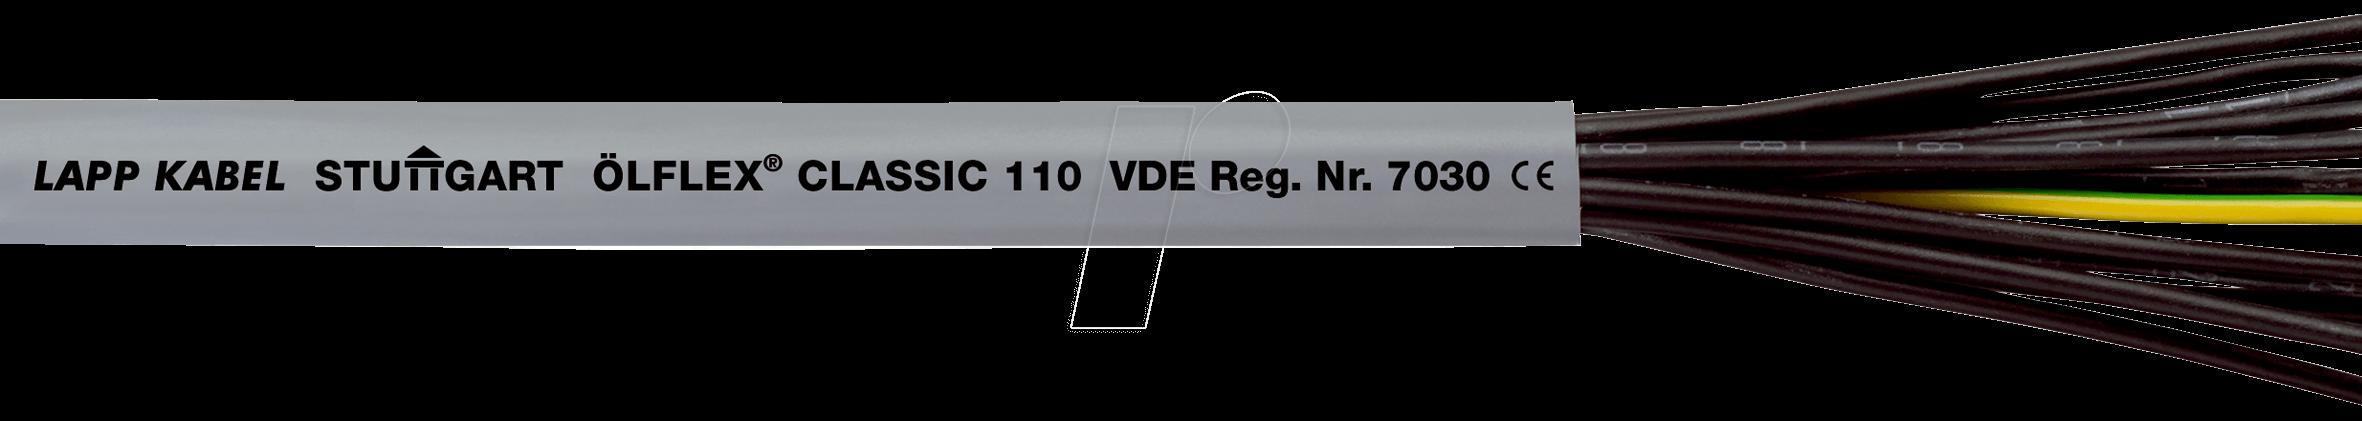 https://cdn-reichelt.de/bilder/web/xxl_ws/C600/OELFLEX_1119752_PRODUCT_1.png